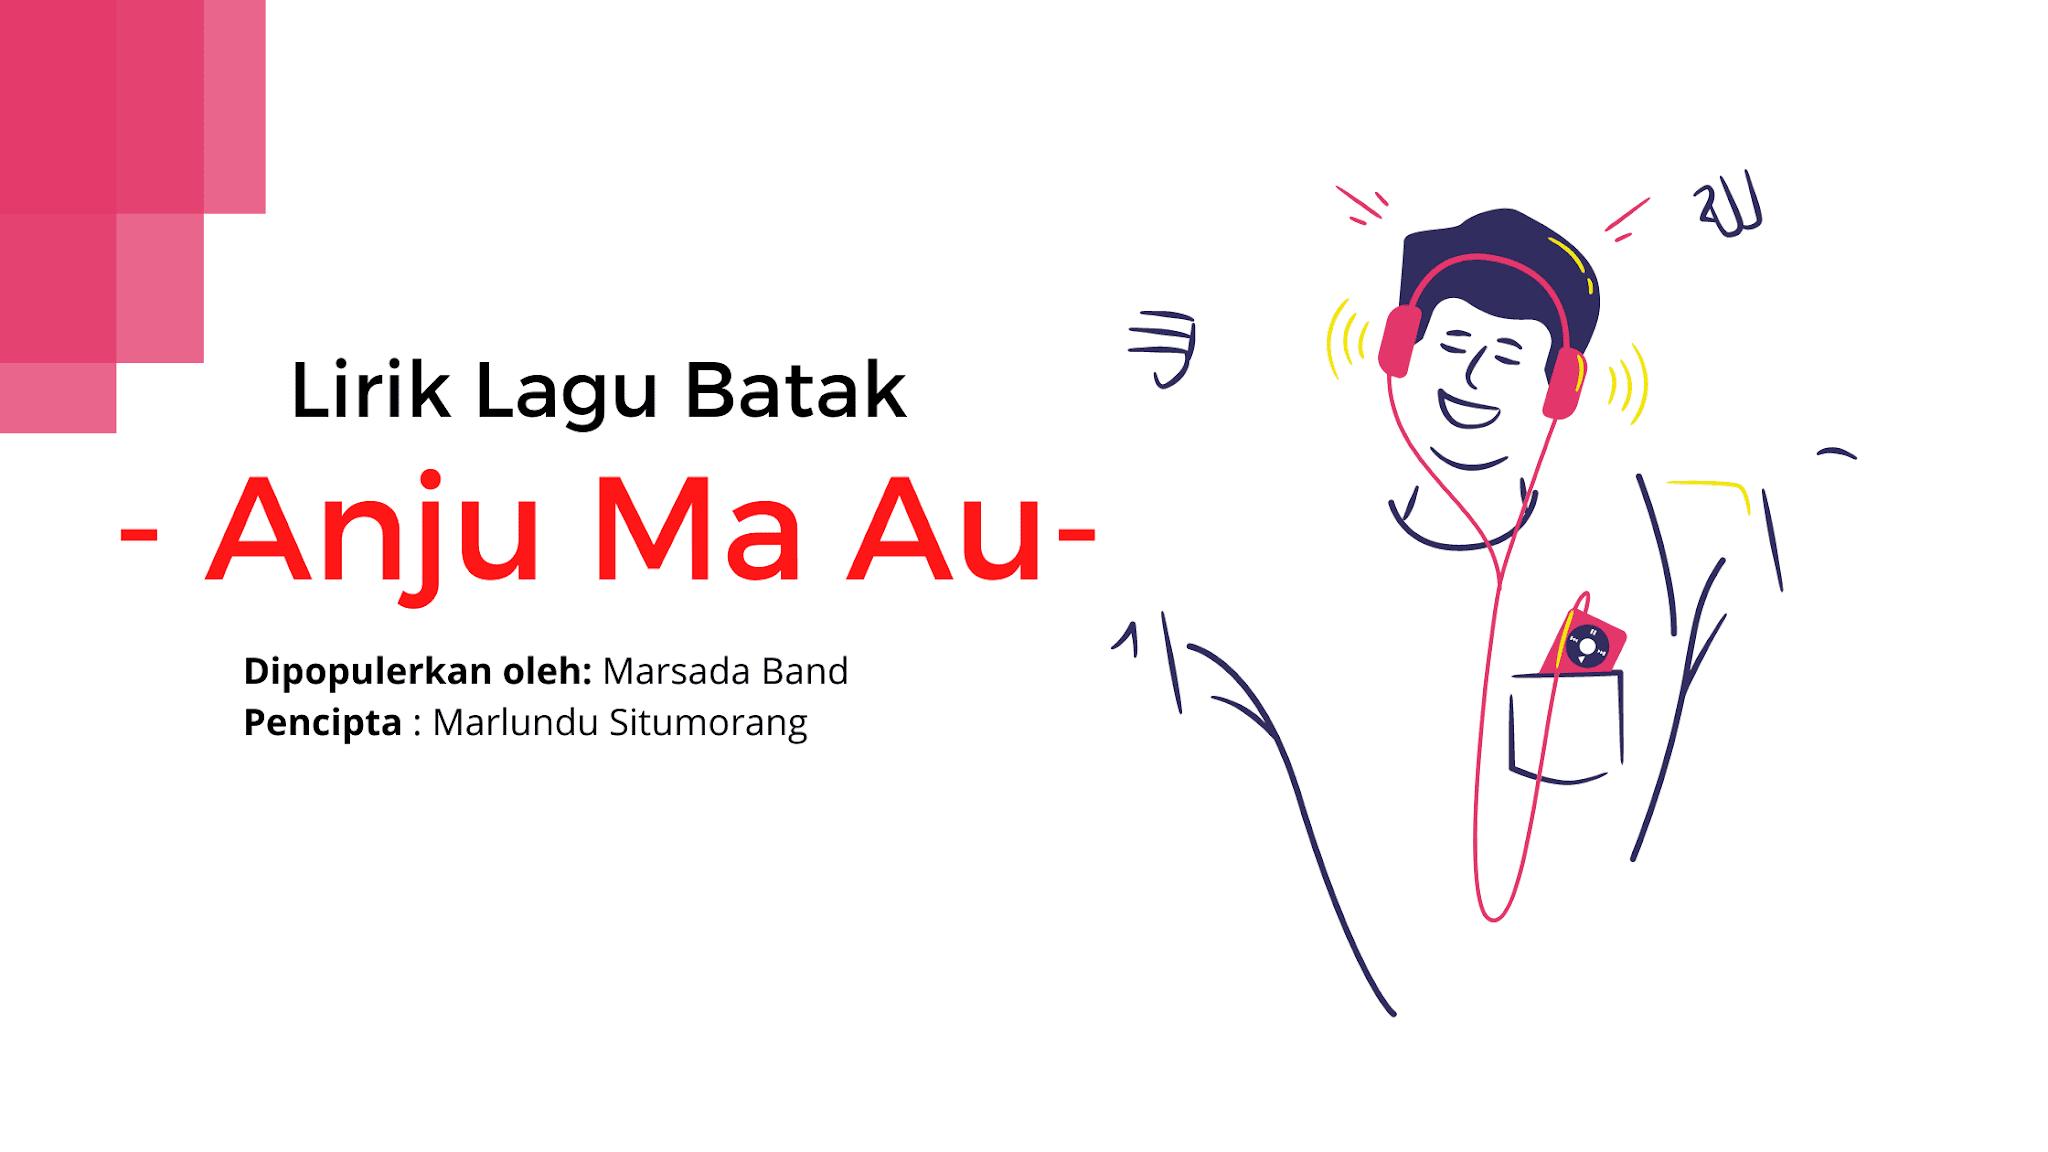 Lirik Lagu Batak [ Anju Ma Au ] Marsada Band